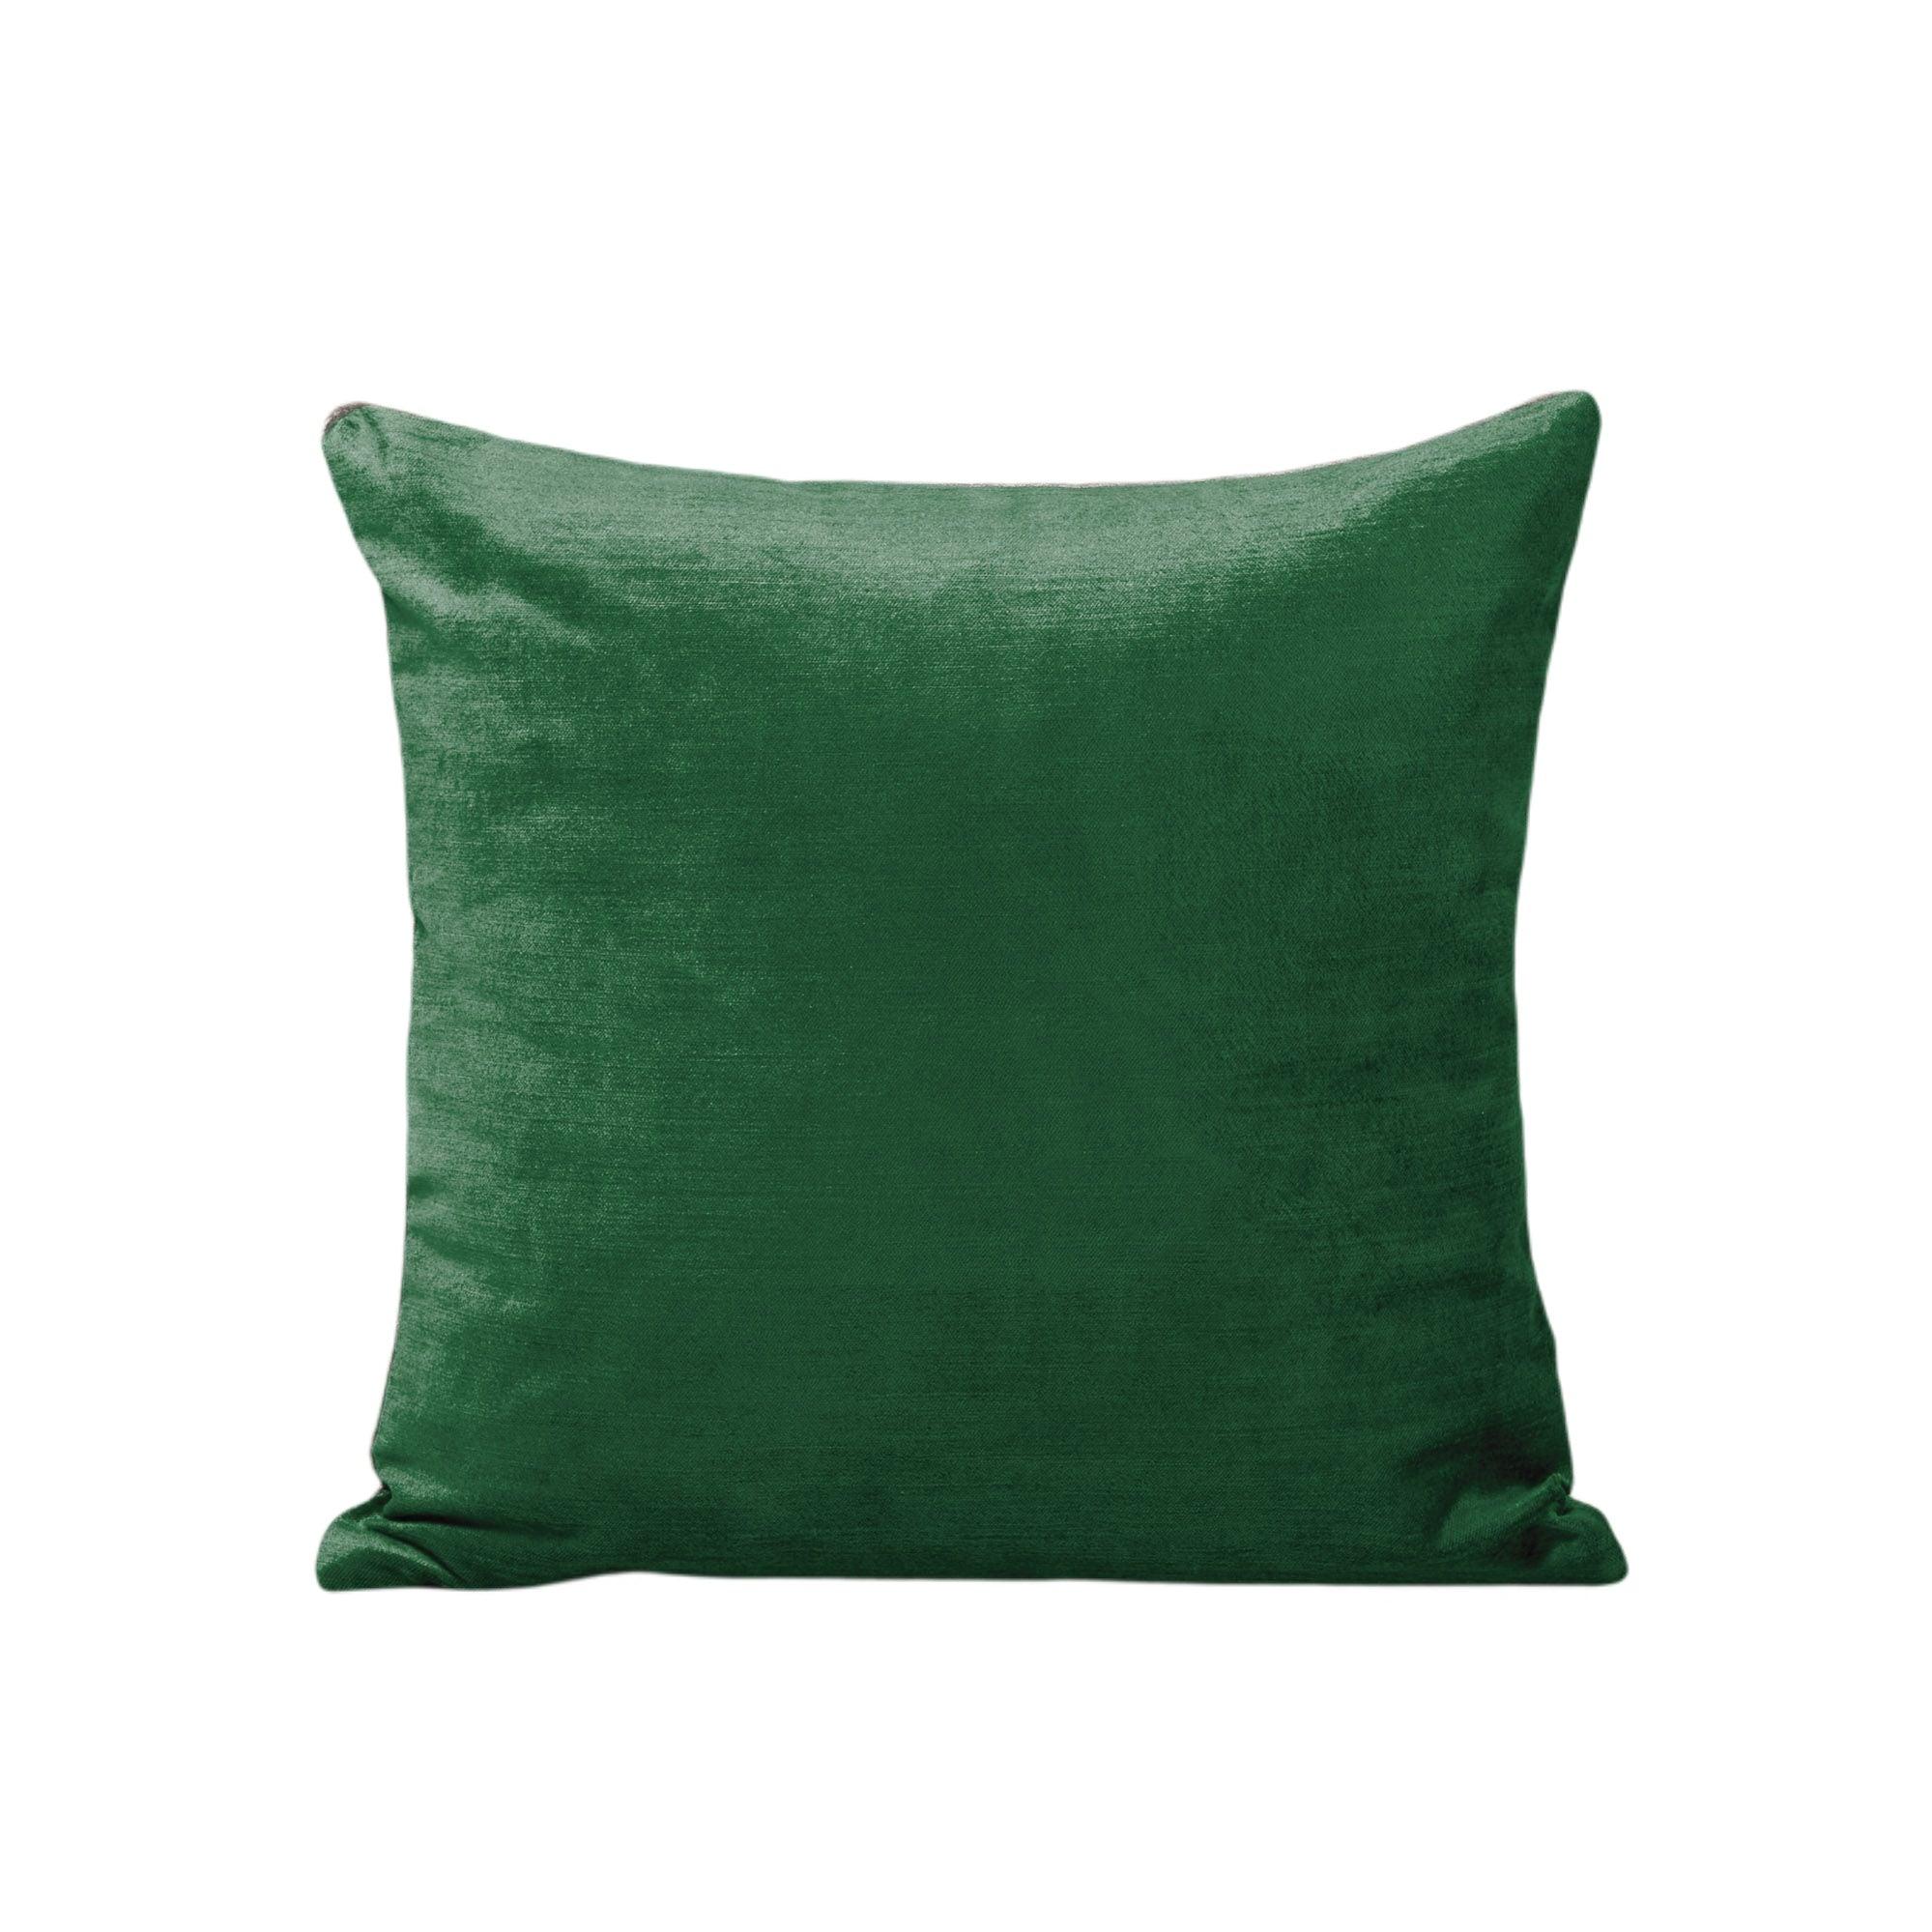 Housse de coussin 50x50 cm Vert moyen et taupe